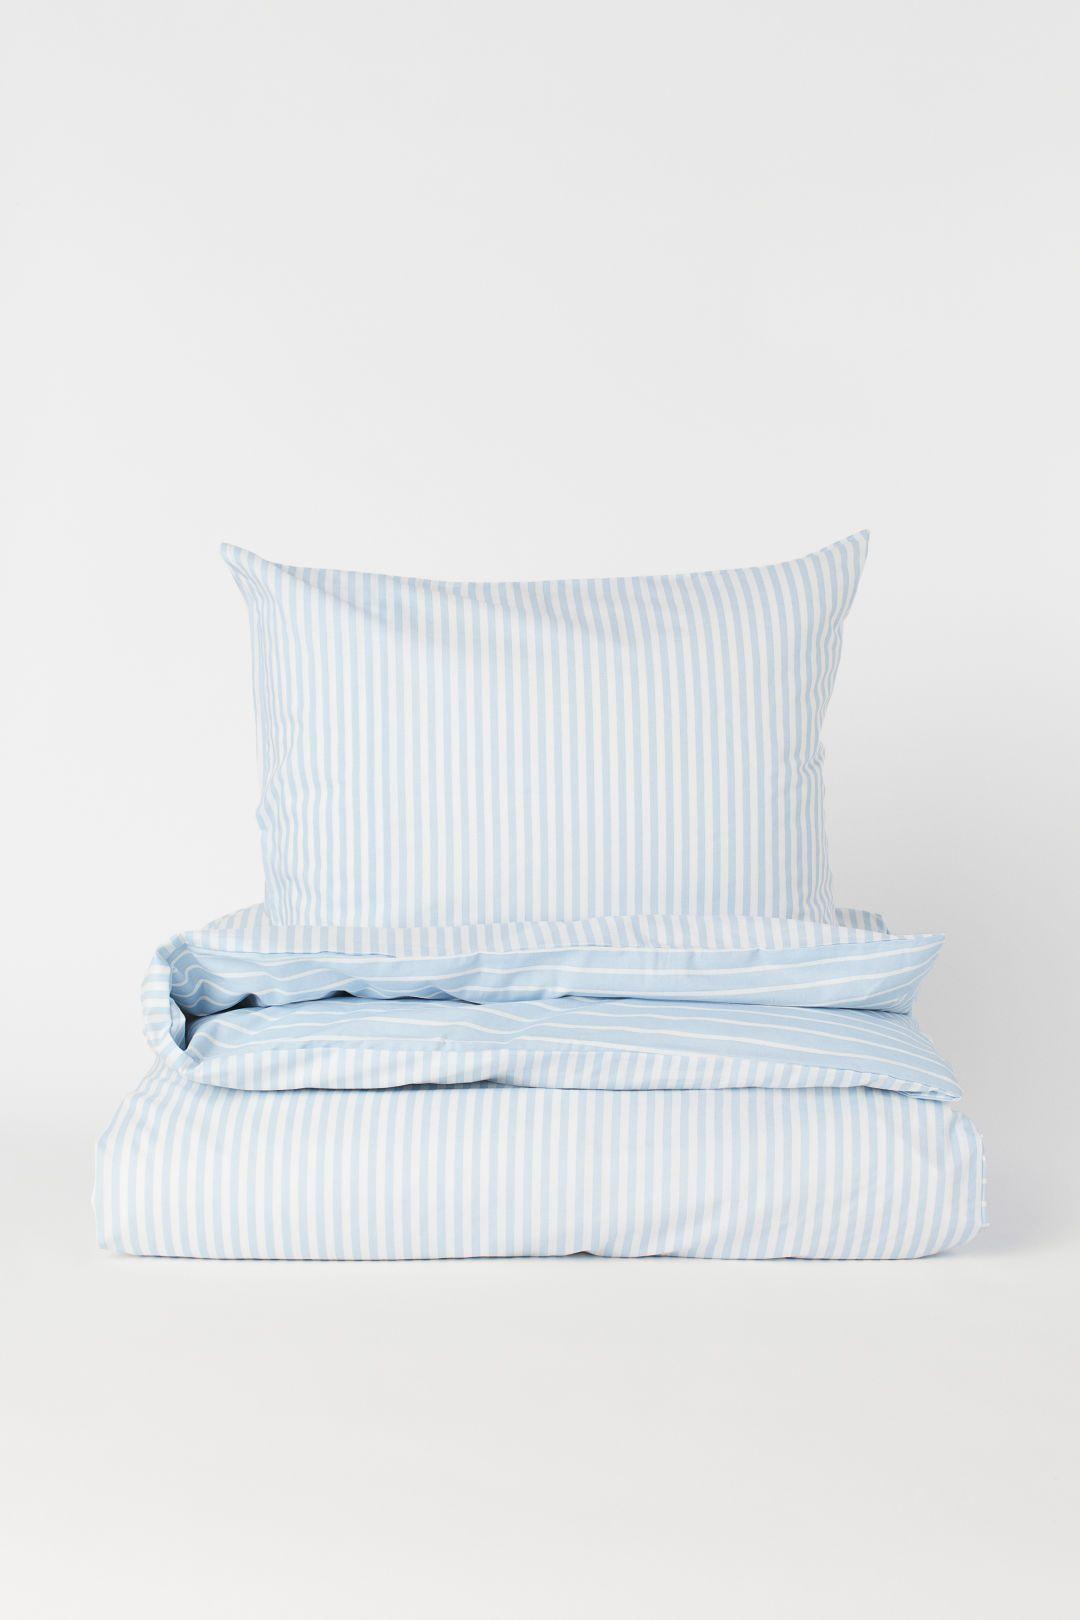 Striped Duvet Cover Set Light Blue White Striped Home All